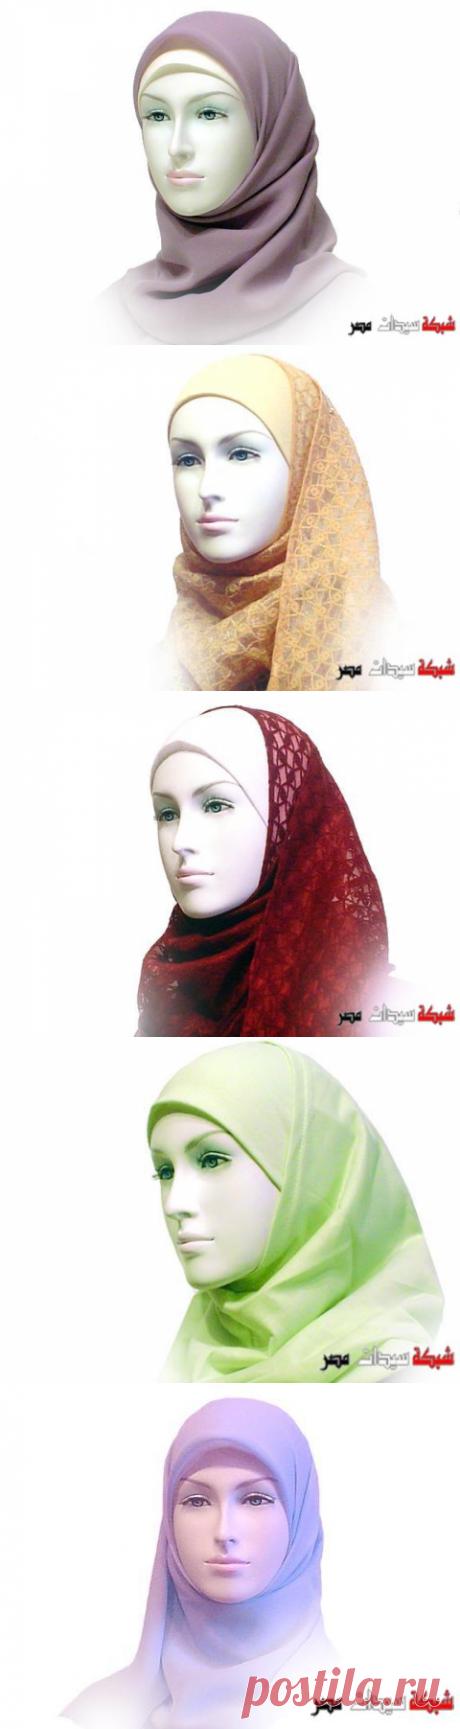 لفات حجاب جميلة جدا وشيك جدا للصبايا المحجبات 2020